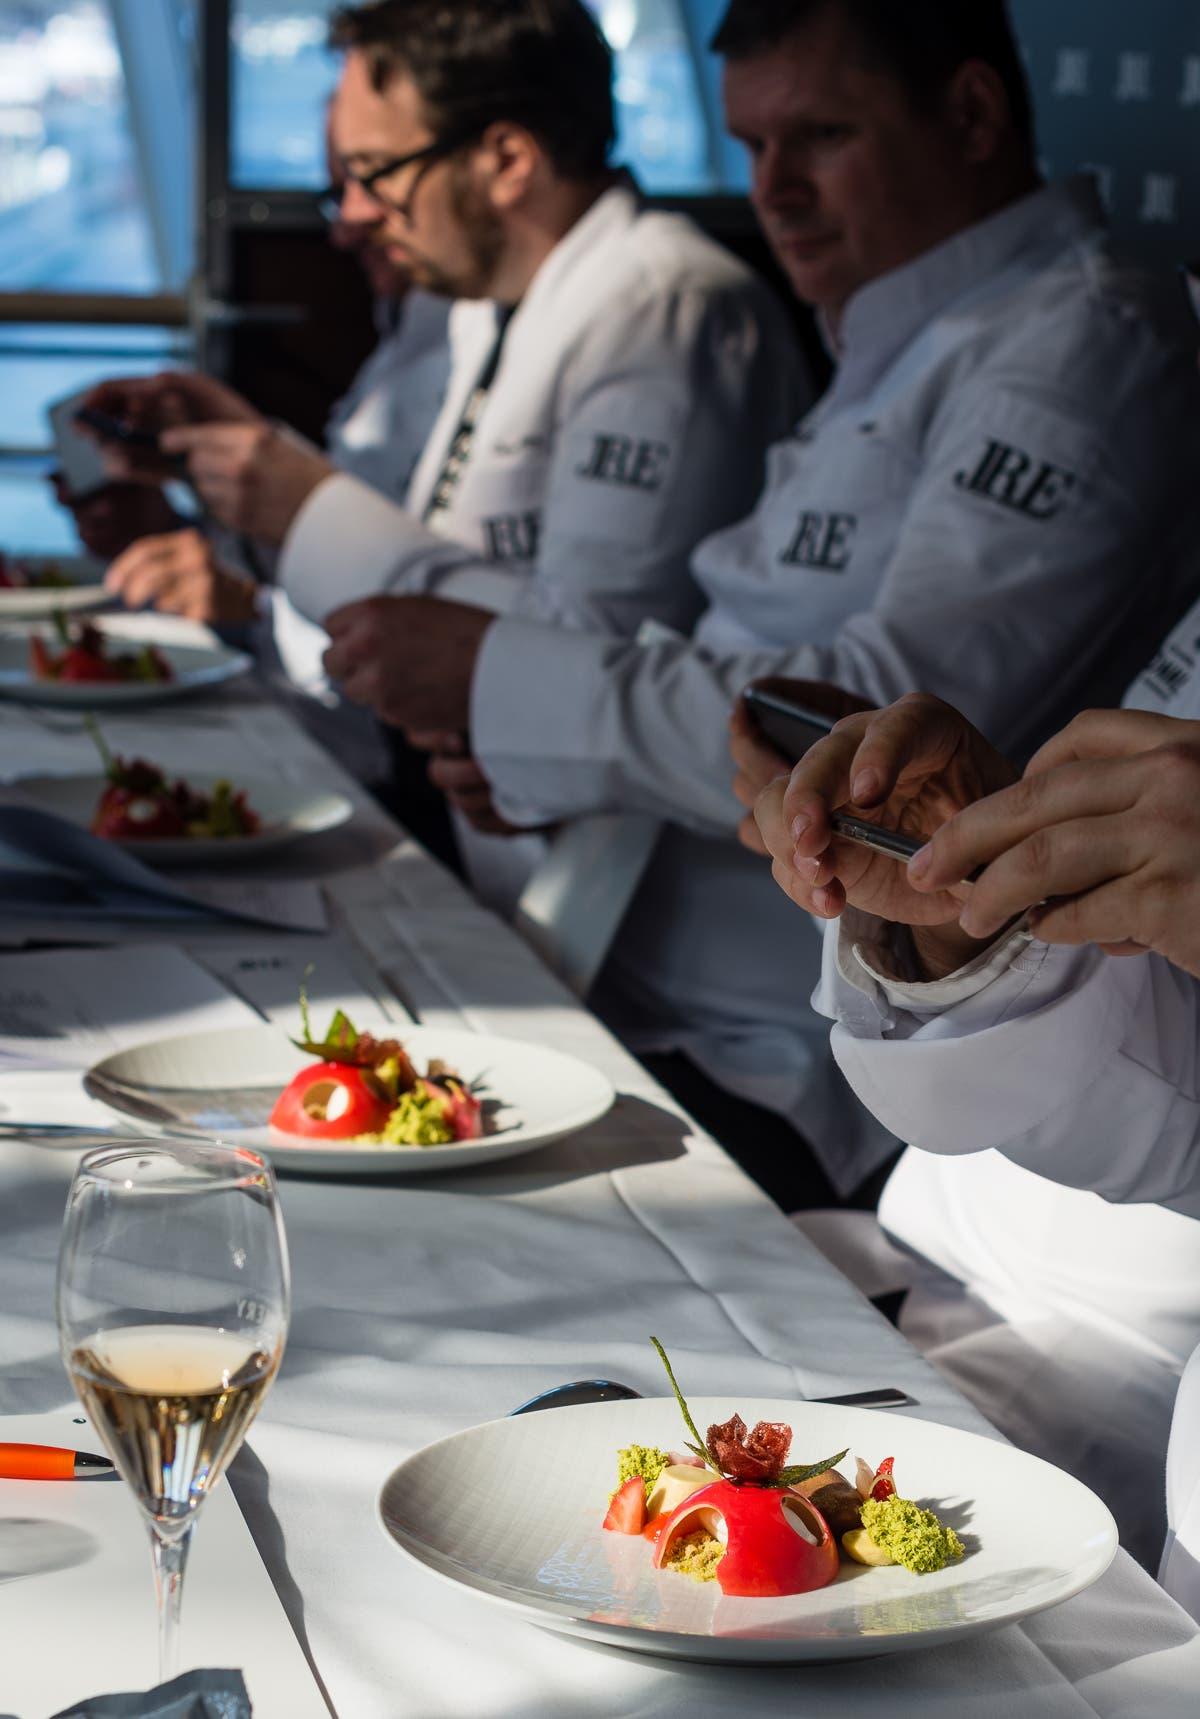 Tisch mit den gleichen Gerichten serviert